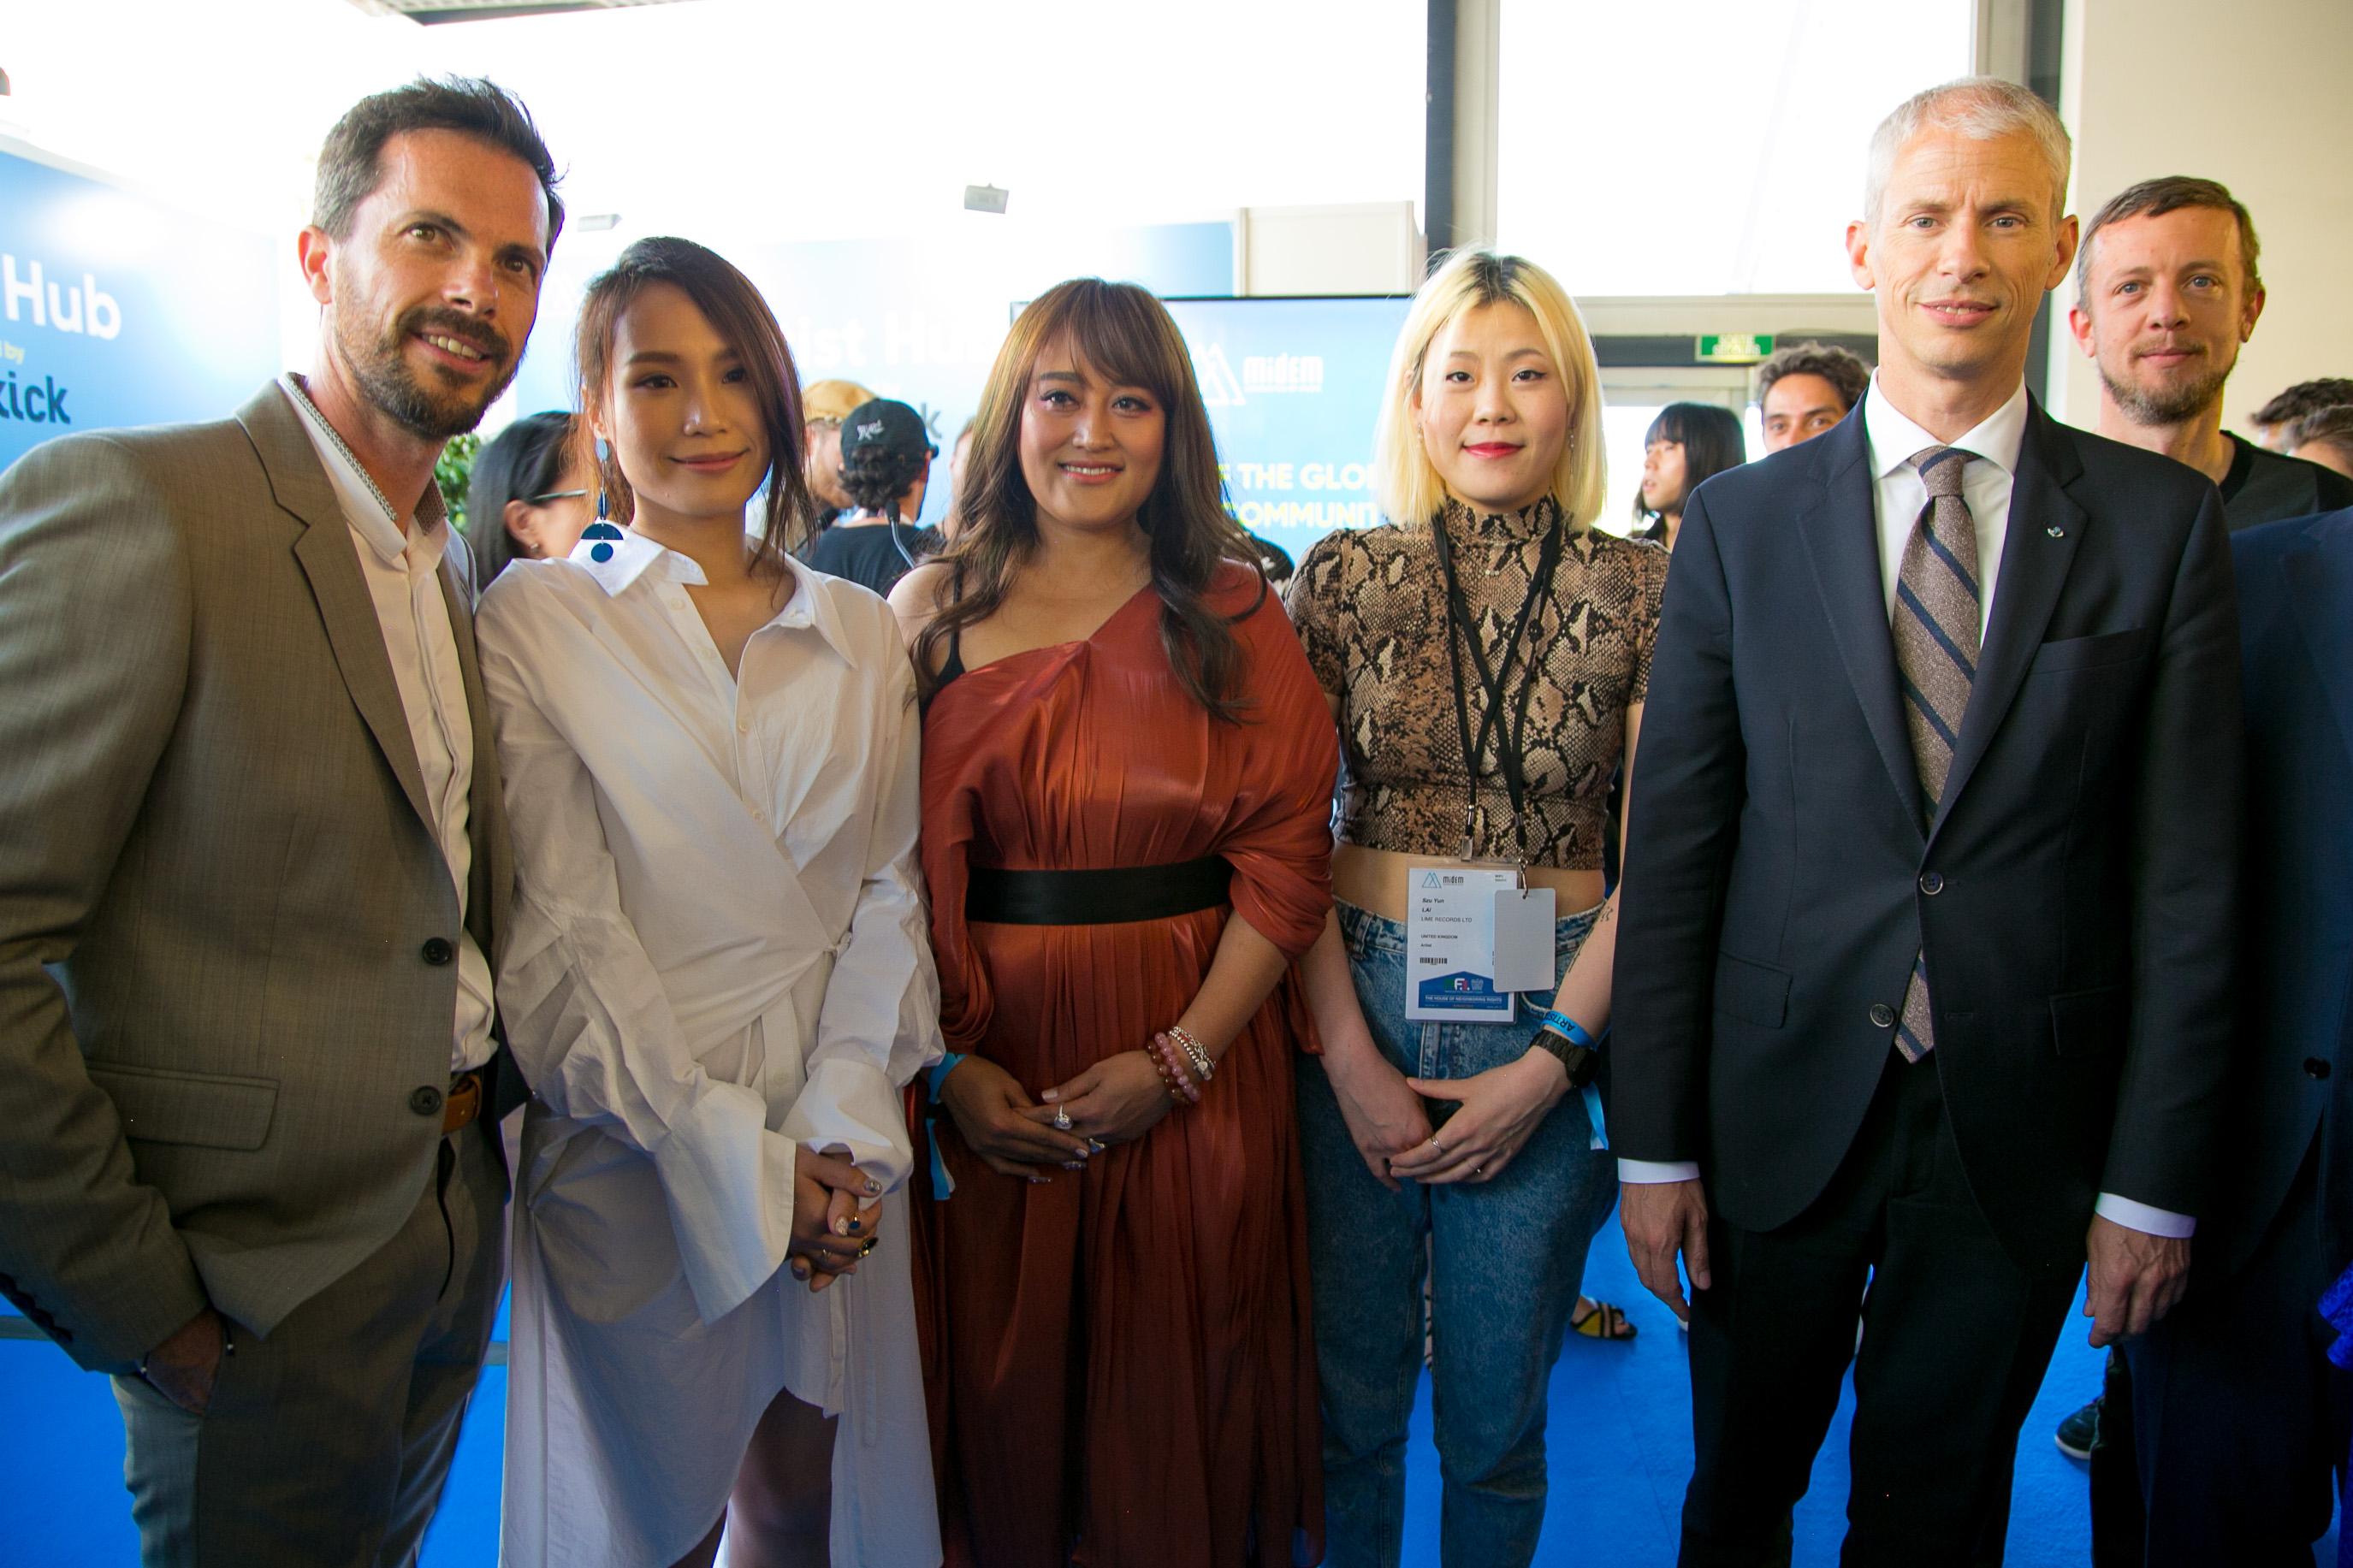 呂薔(左二)、家家(中間)、Sonia Calico(右二)與法國文化部長Franck Riester(右一)、MIDEM總監Alexandre Deniot(左一)合照.jpg